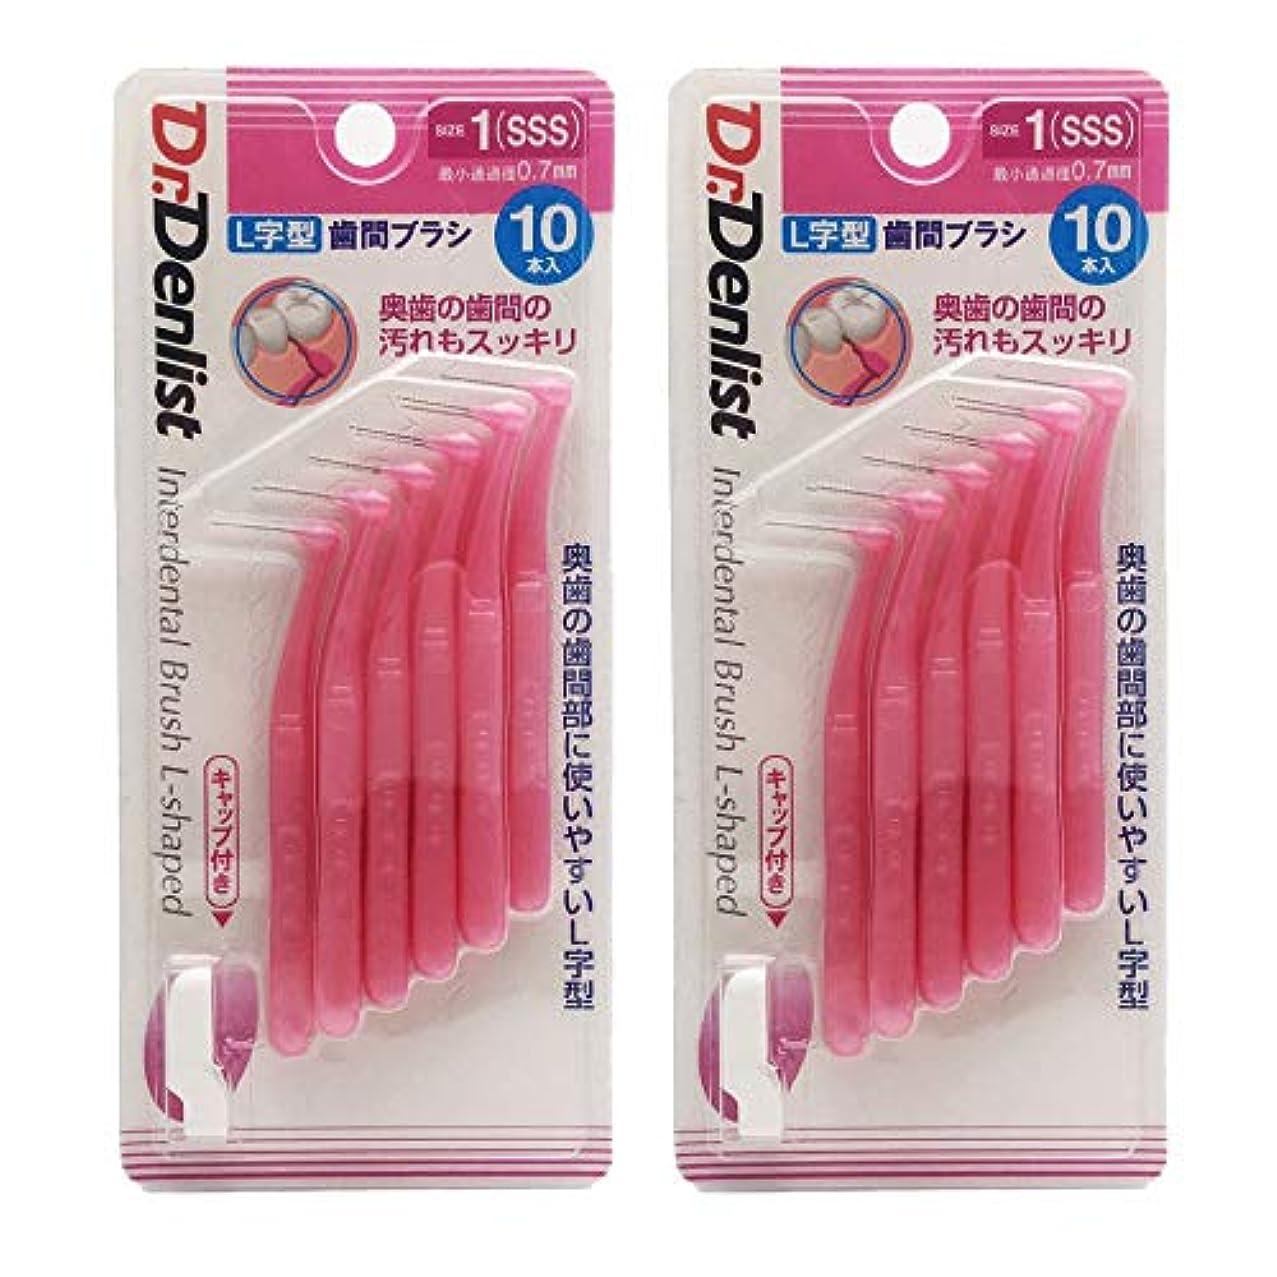 汚染された感性オリエンテーション歯間ブラシL字型1(SSS) 10本×2個(計20本セット)最少通過径0.7mm Dr.??????l字型 歯間清掃 歯間 ようじ